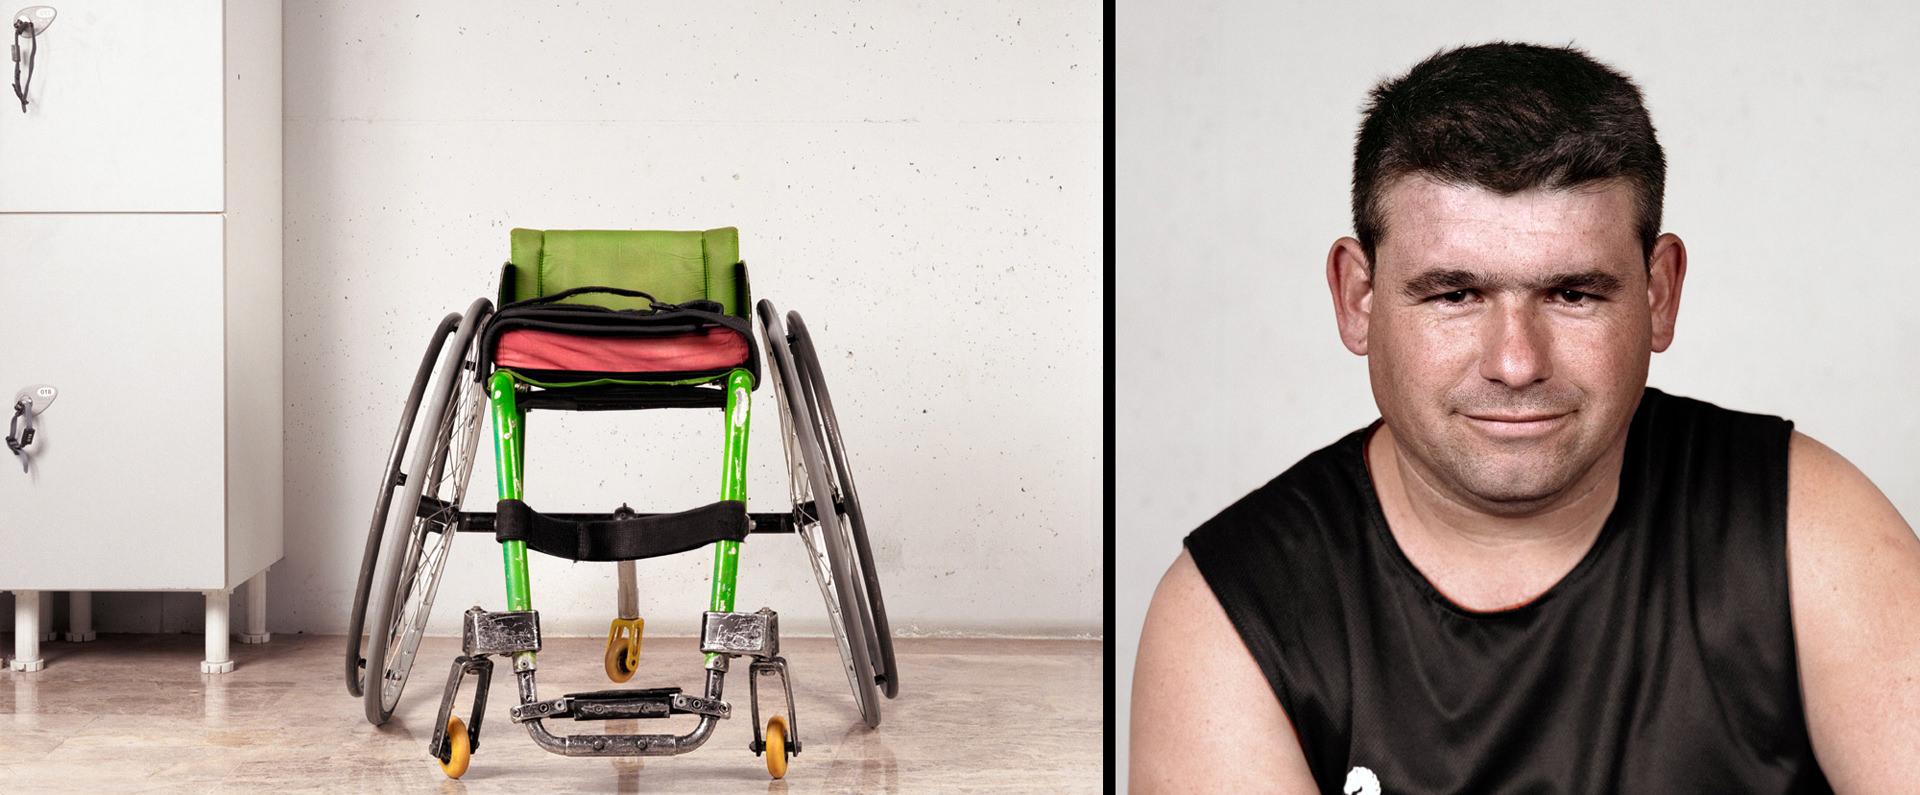 ©ankeluckmann241, wheelchair, rolli, portrait, basketball, chair, www.ankeluckmann.com, anke luckmann, personal work, sport